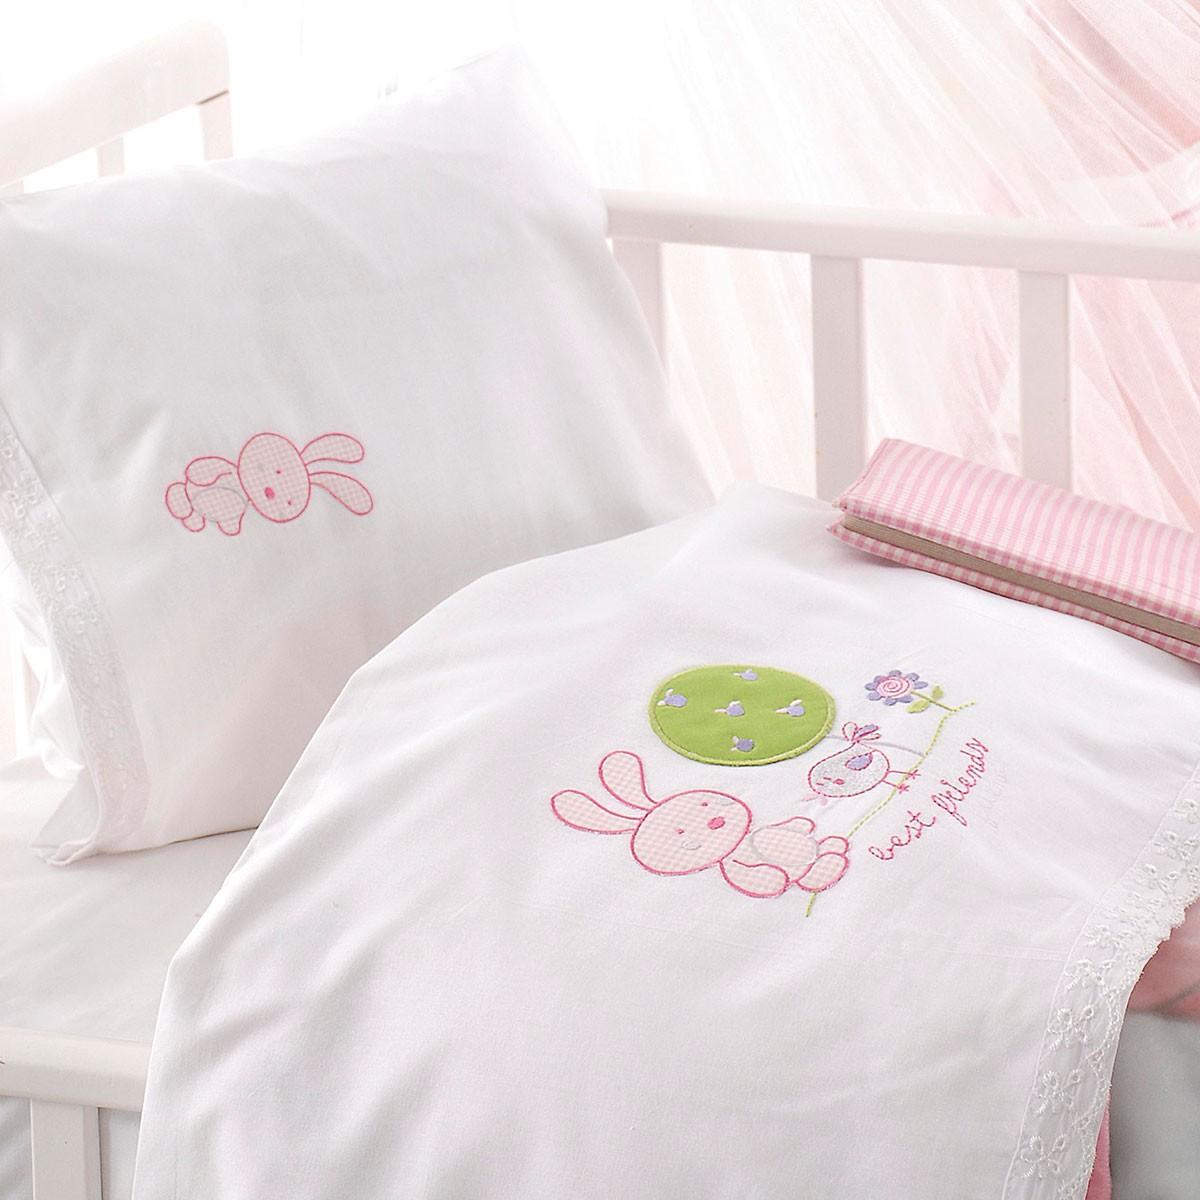 Σεντόνια Κούνιας (Σετ) Rythmos Sweet Summer Pink home   βρεφικά   σεντόνια βρεφικά